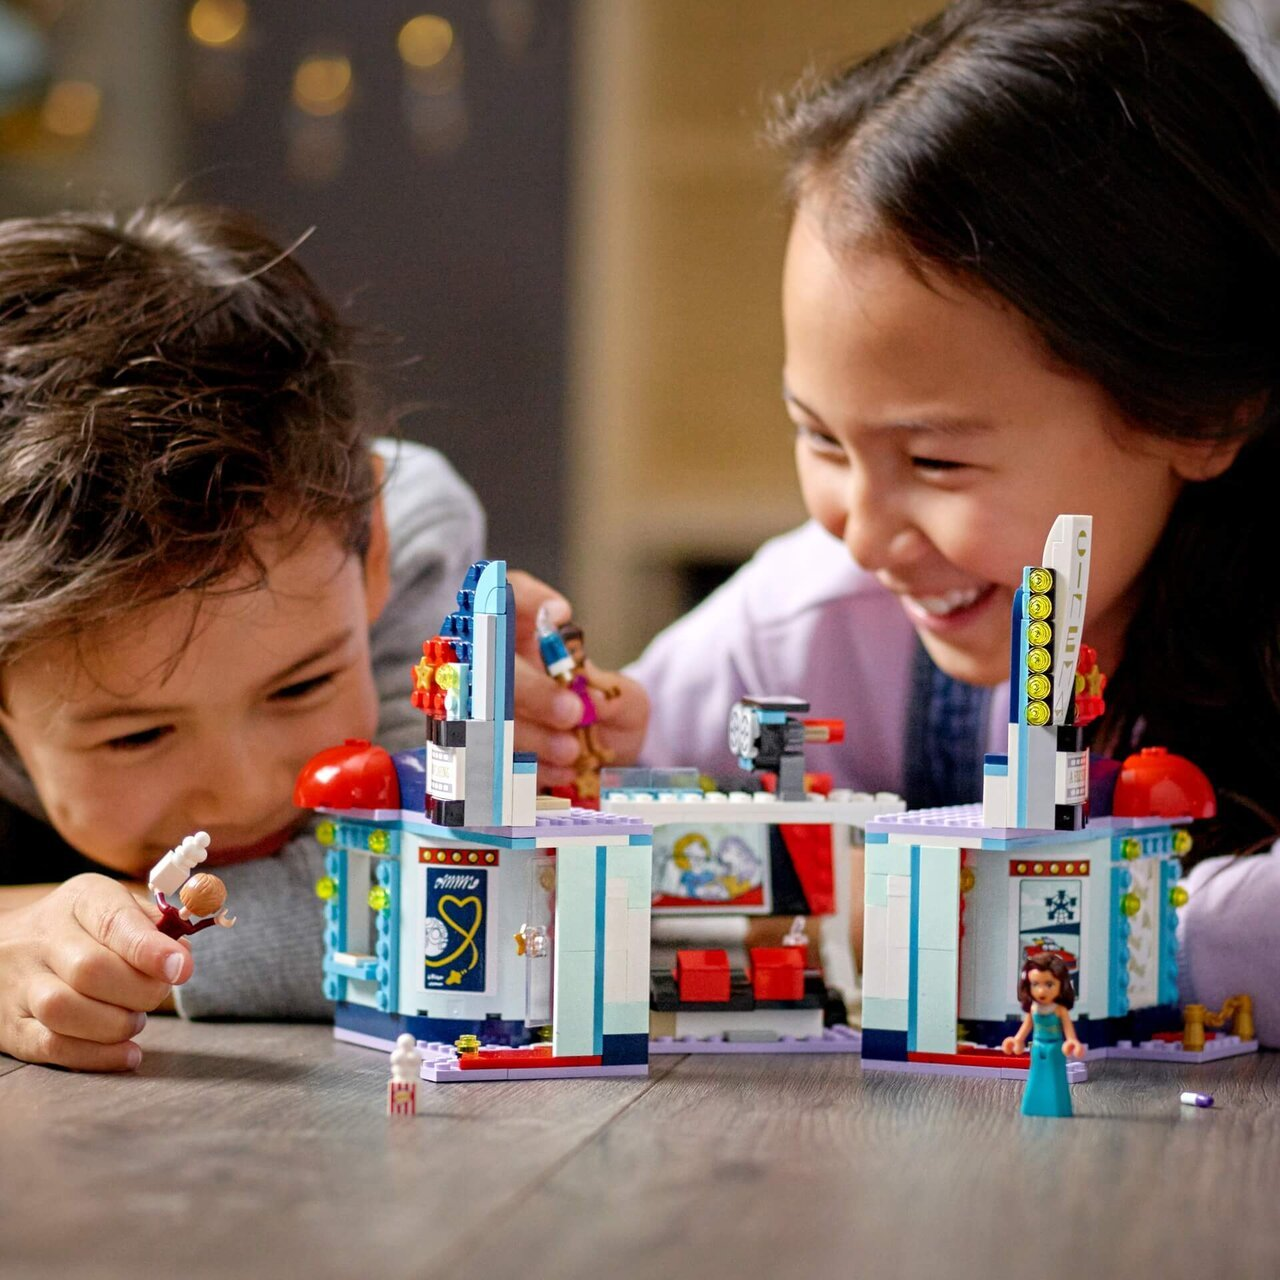 「レゴ® フレンズ ハートレイクシティ」で遊ぶ子ども達